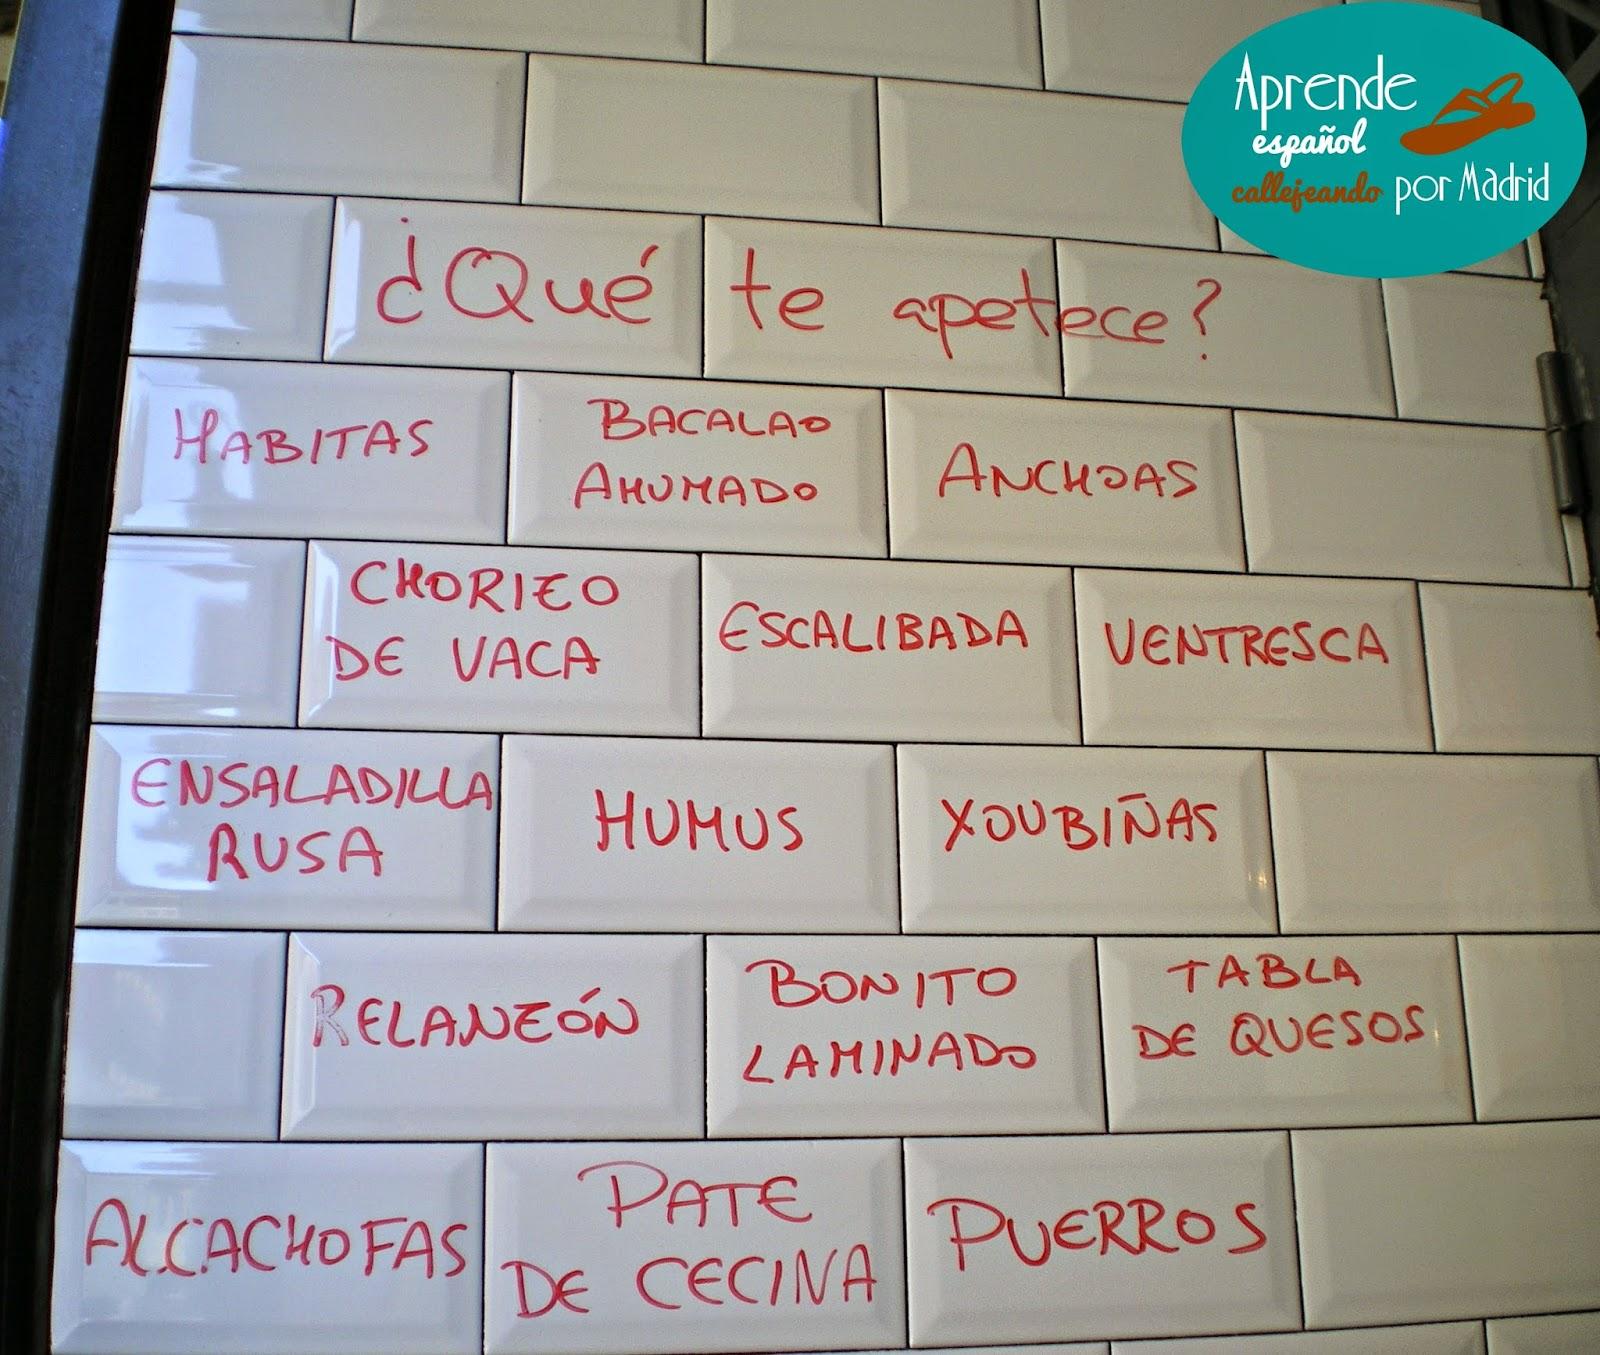 Buen Provecho Aprende Espanol Callejeando Por Madrid